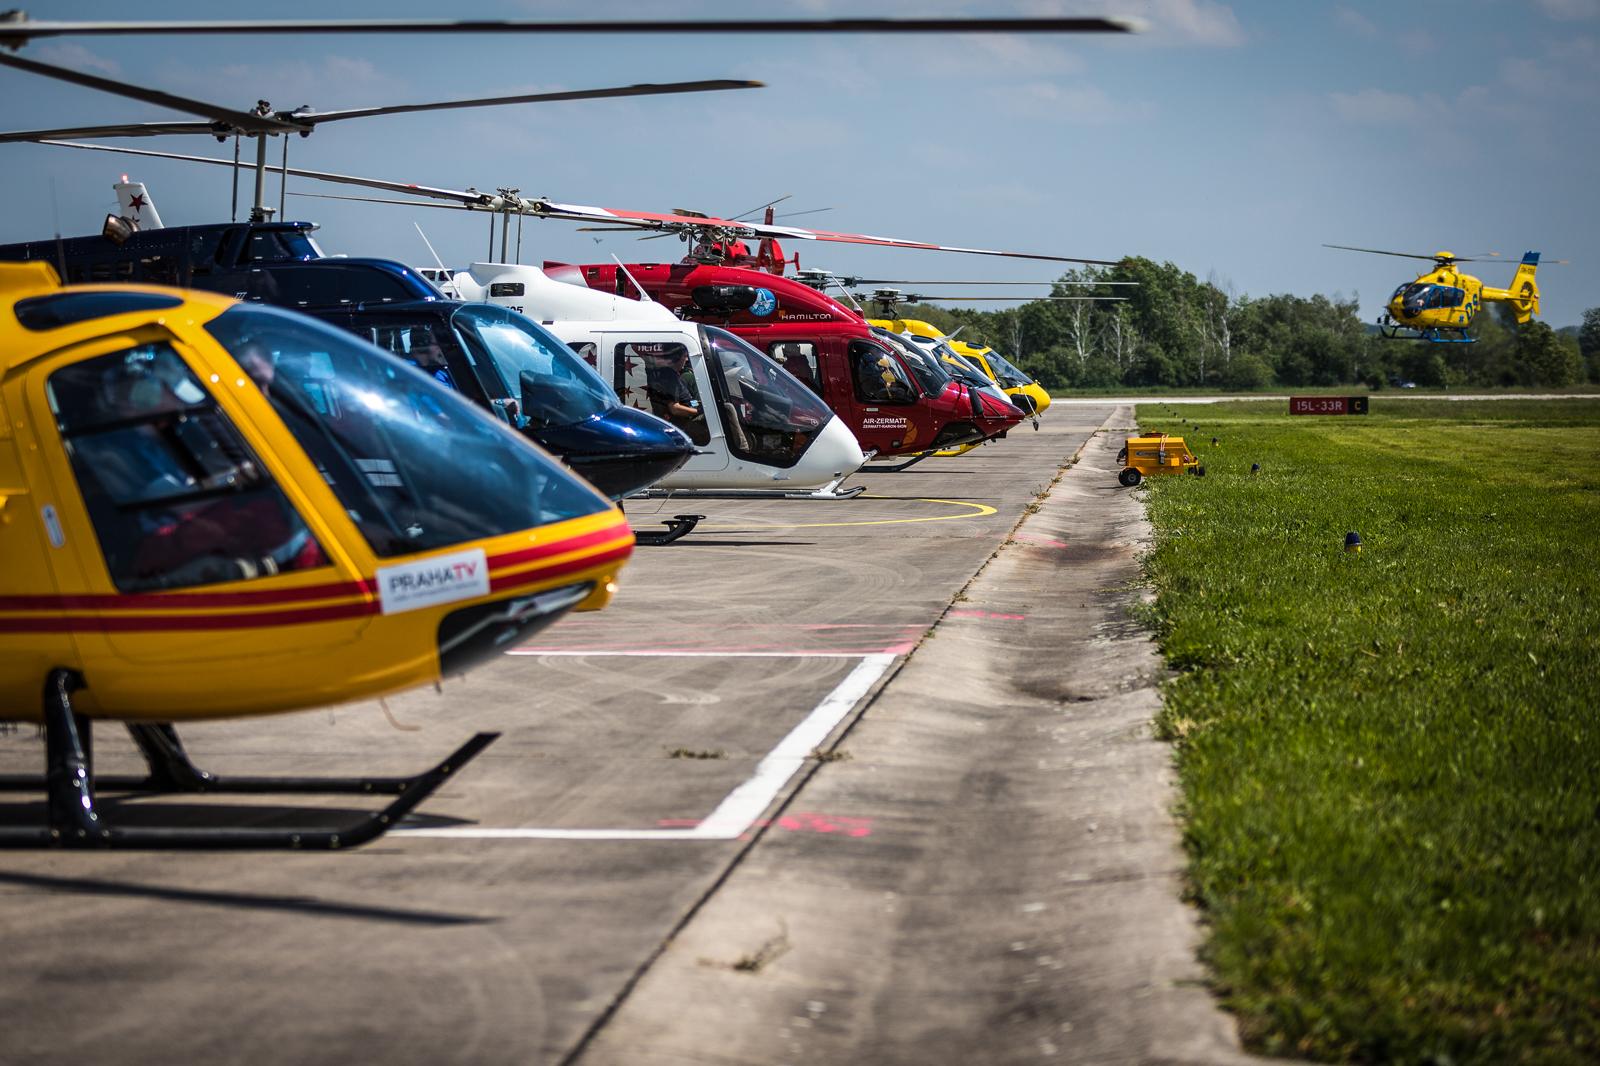 OBRAZEM: Helicopter Show 2019